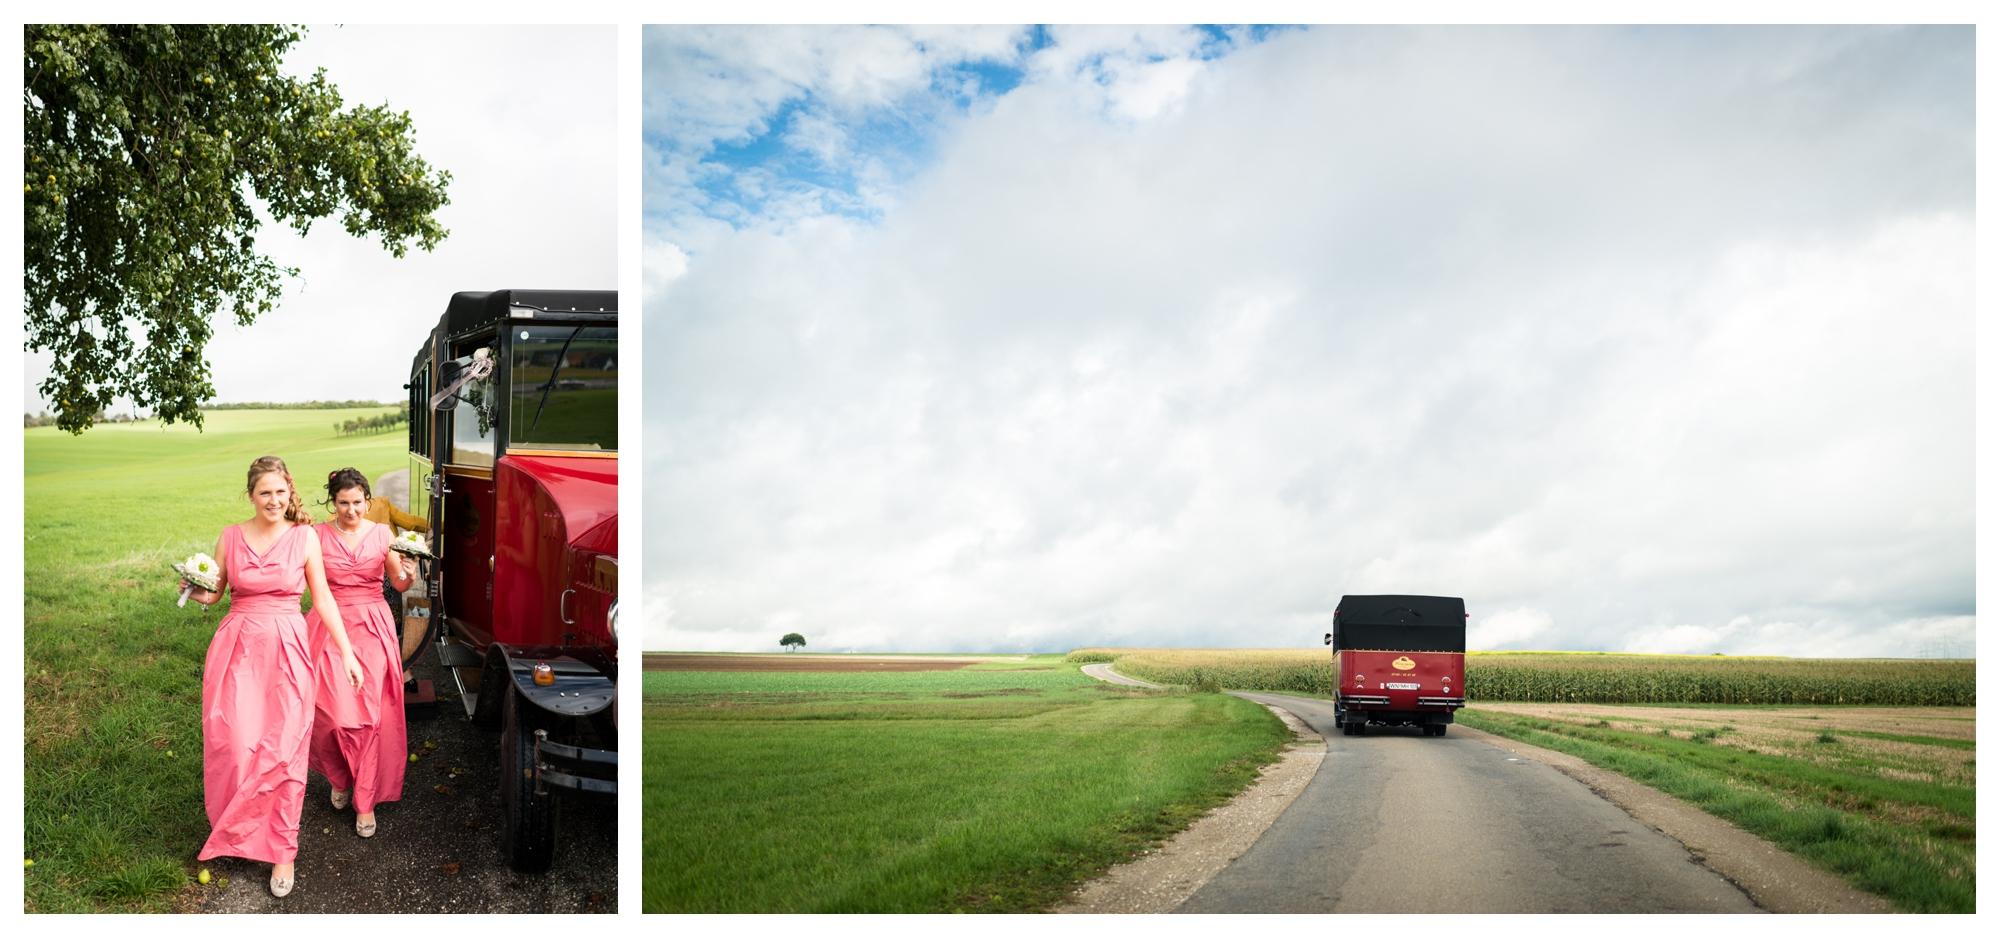 Fotograf Konstanz - 2013 12 09 0011 - Als Hochzeitsfotograf in Bad Dürrheim unterwegs  - 26 -